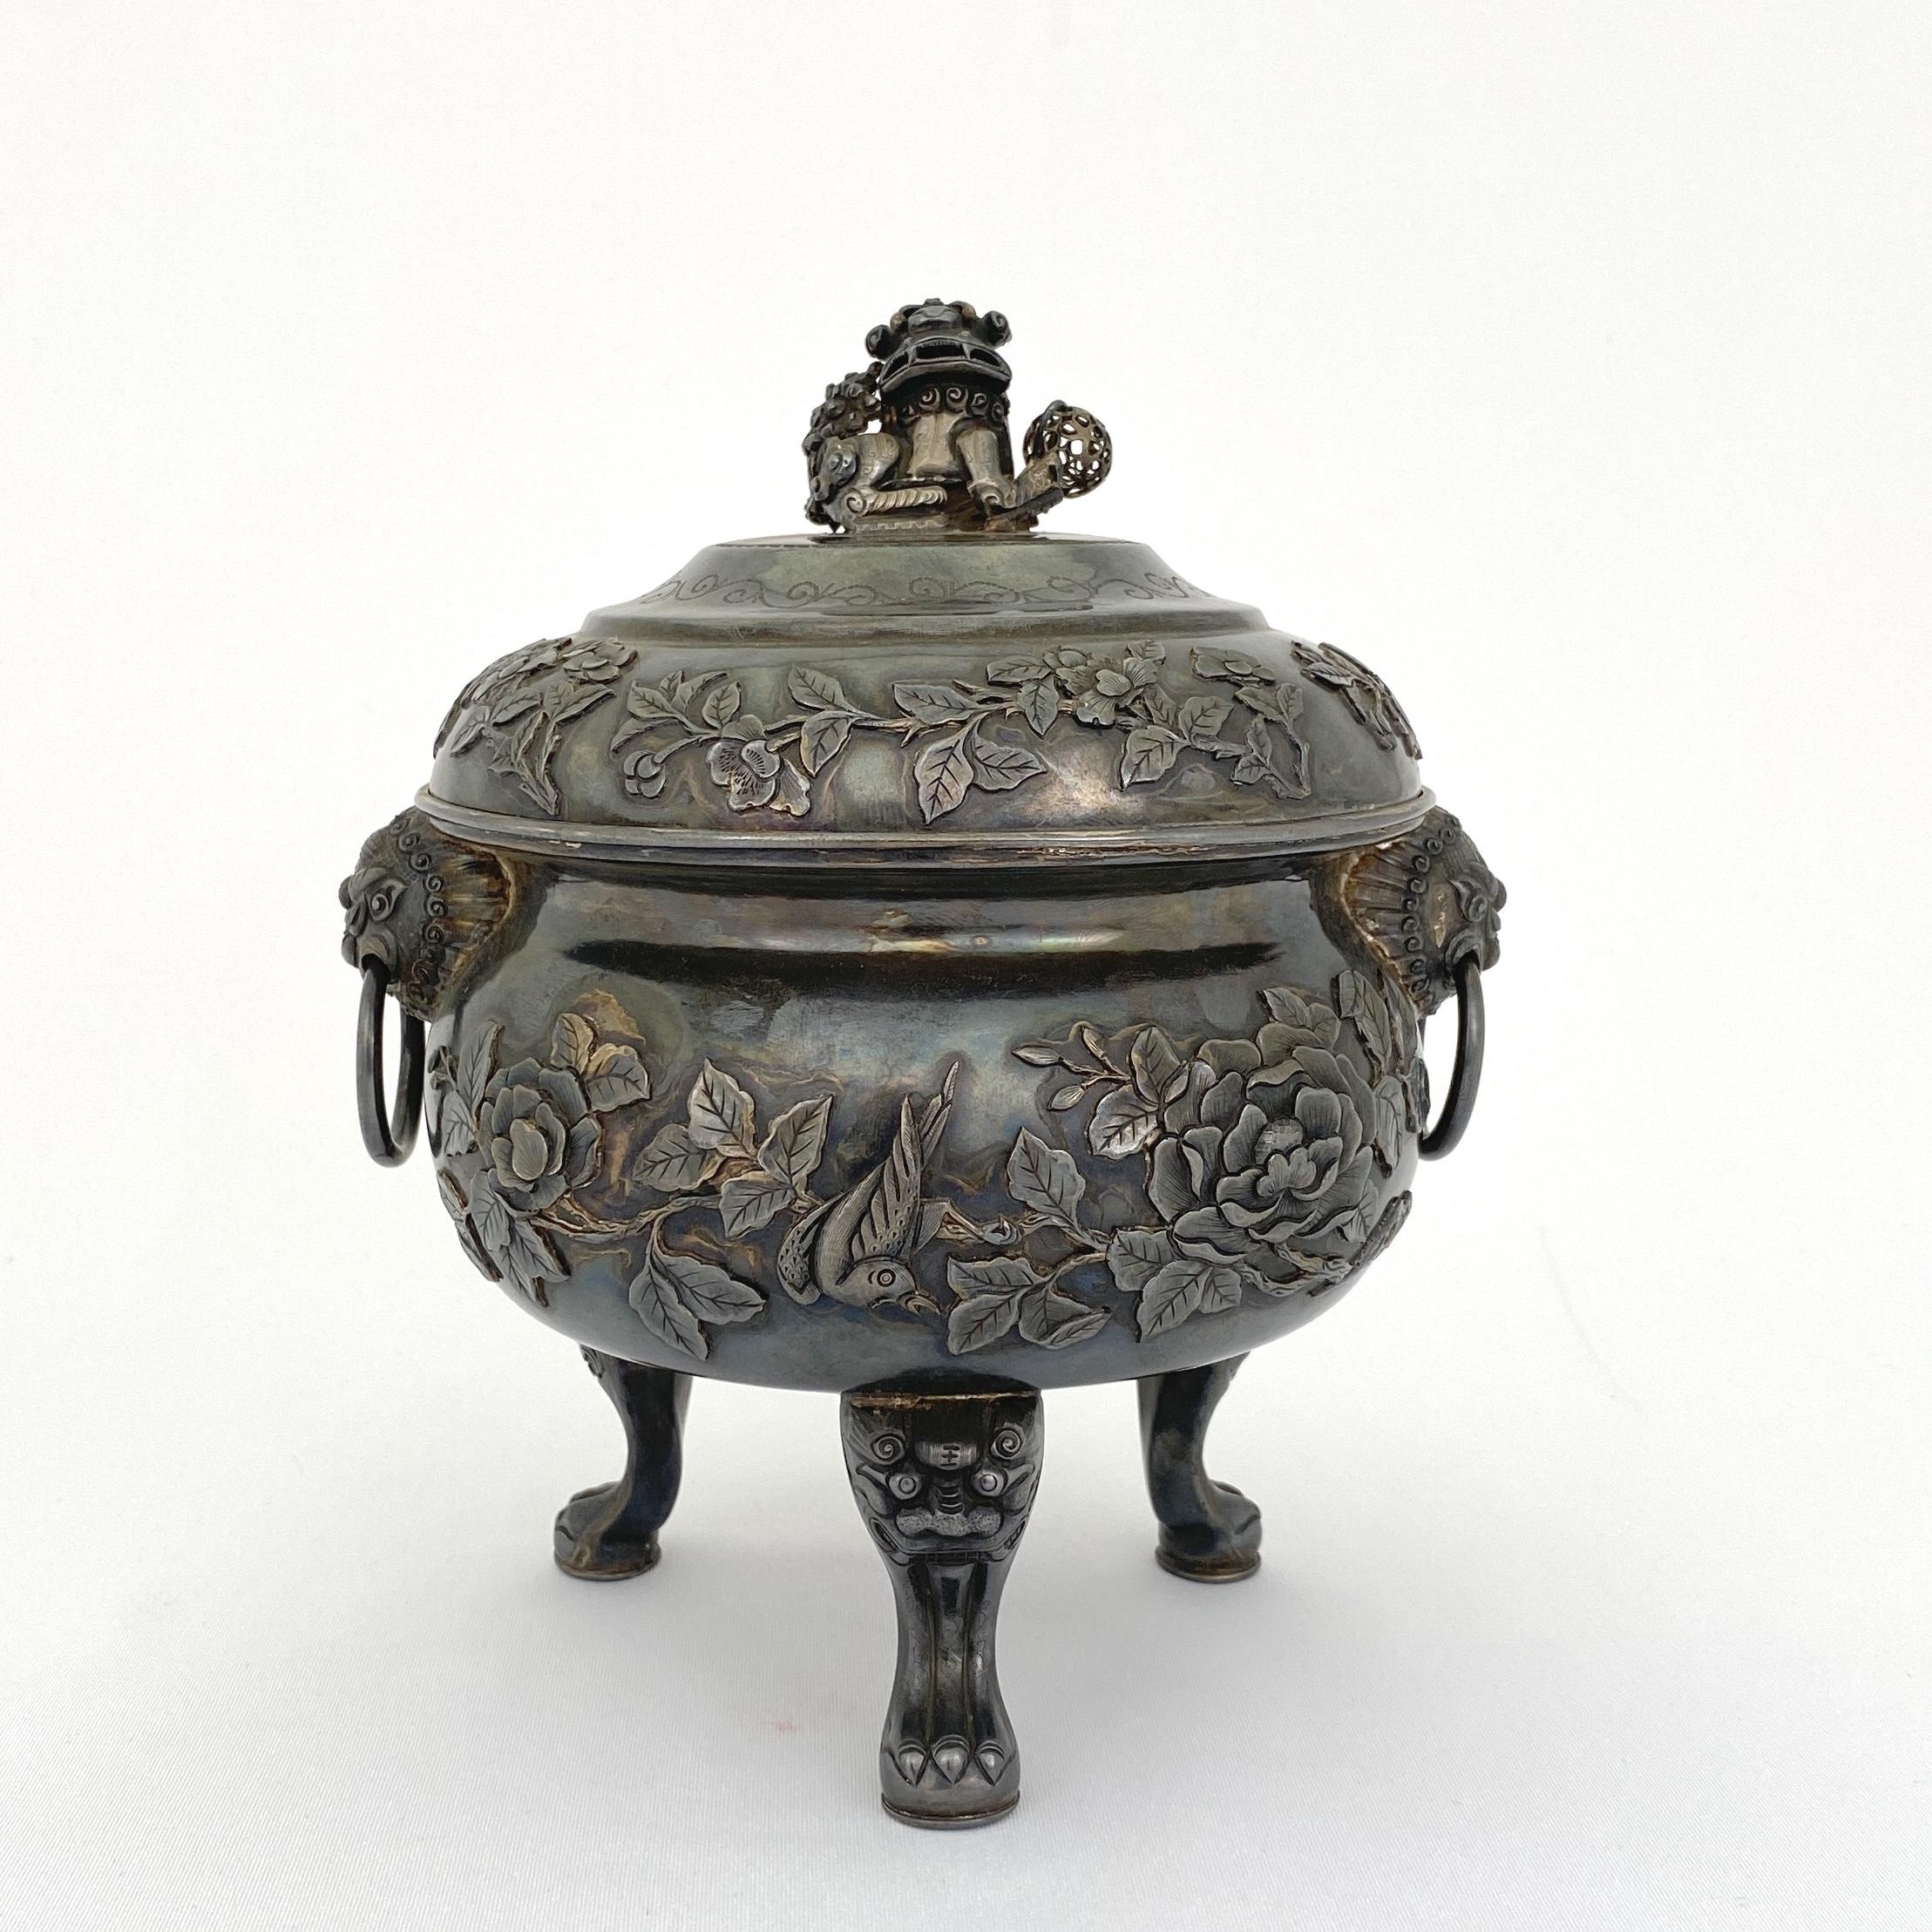 10005十九世紀 足銀製 花鳥紋 獅子鈕 三足蓋爐